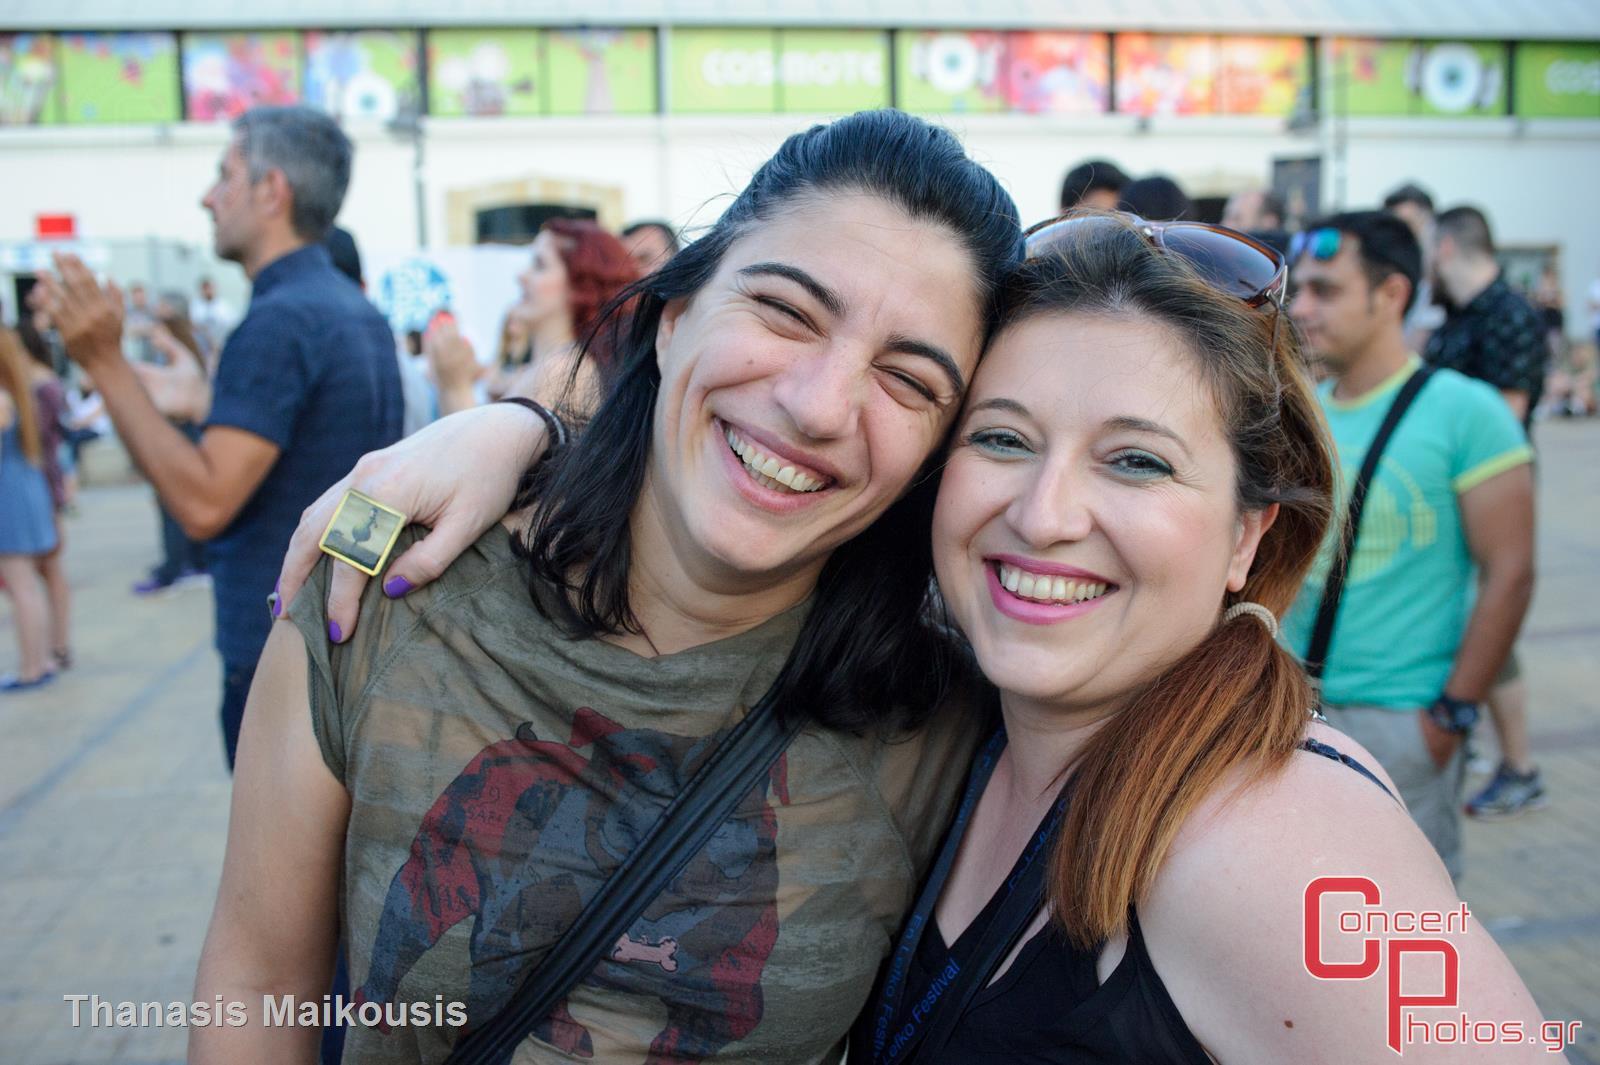 En Lefko 2014-En Lefko 2014 photographer: Thanasis Maikousis - concertphotos_20140621_20_28_30